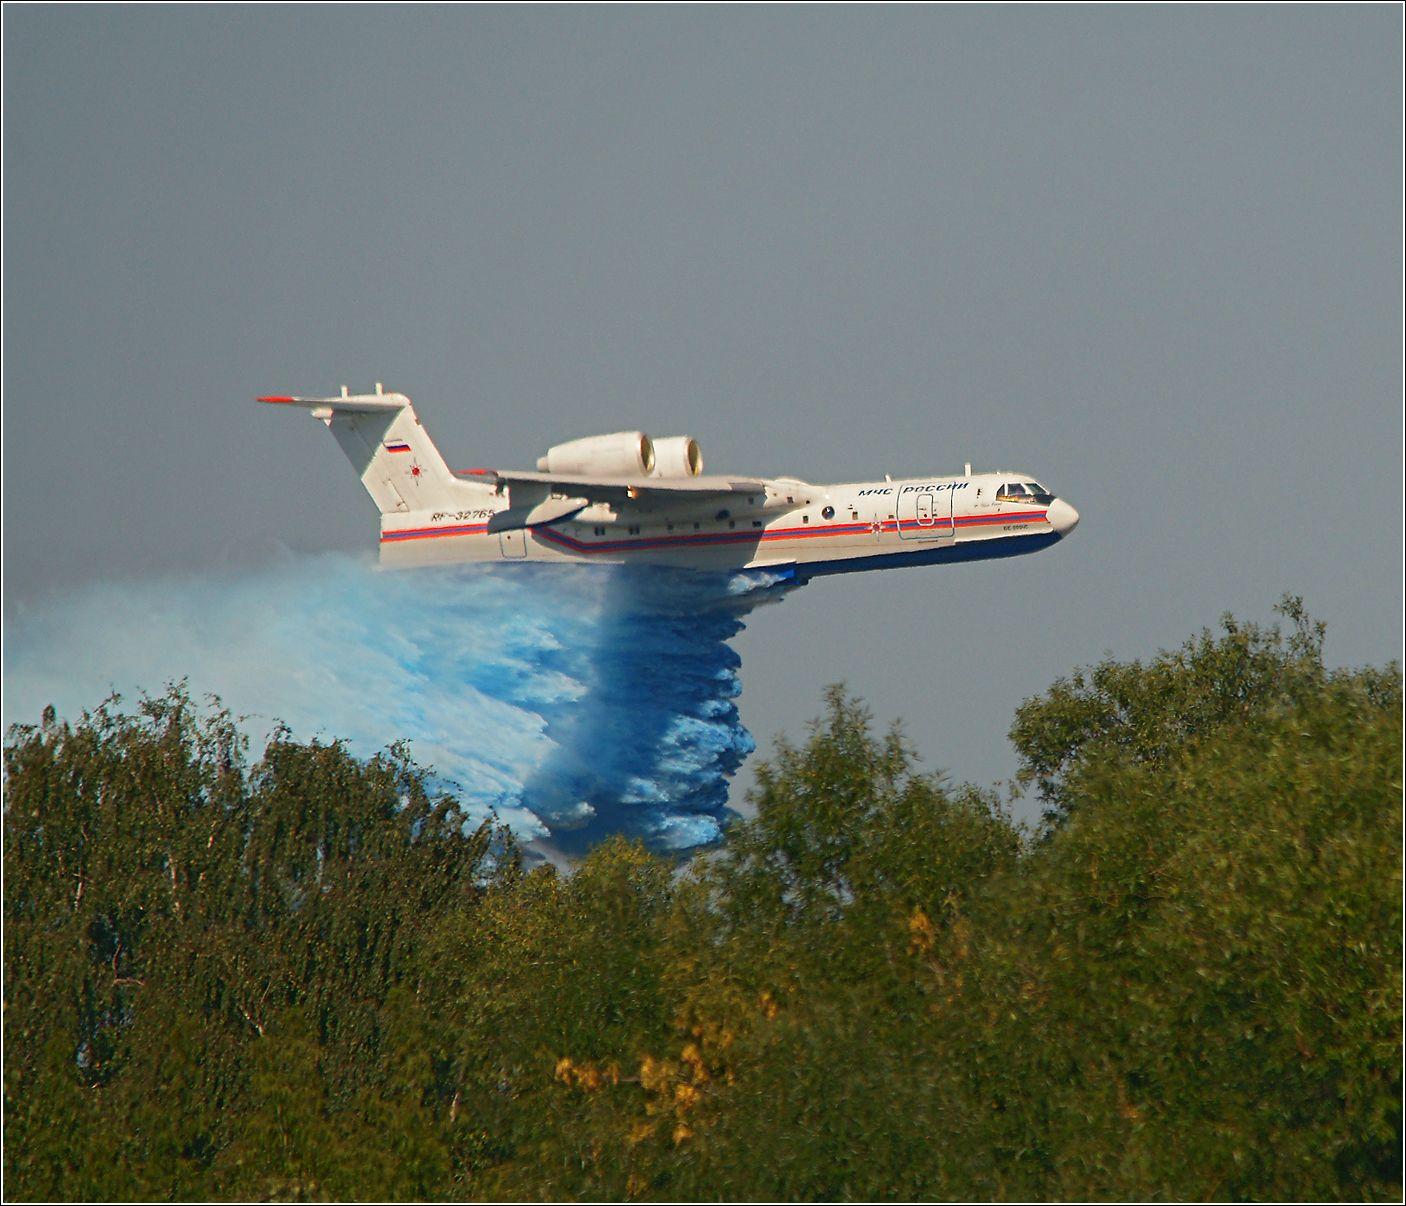 Бе-200 Бе-200 авиация самолет полет сброс воды МАКС-2011 Жуковский